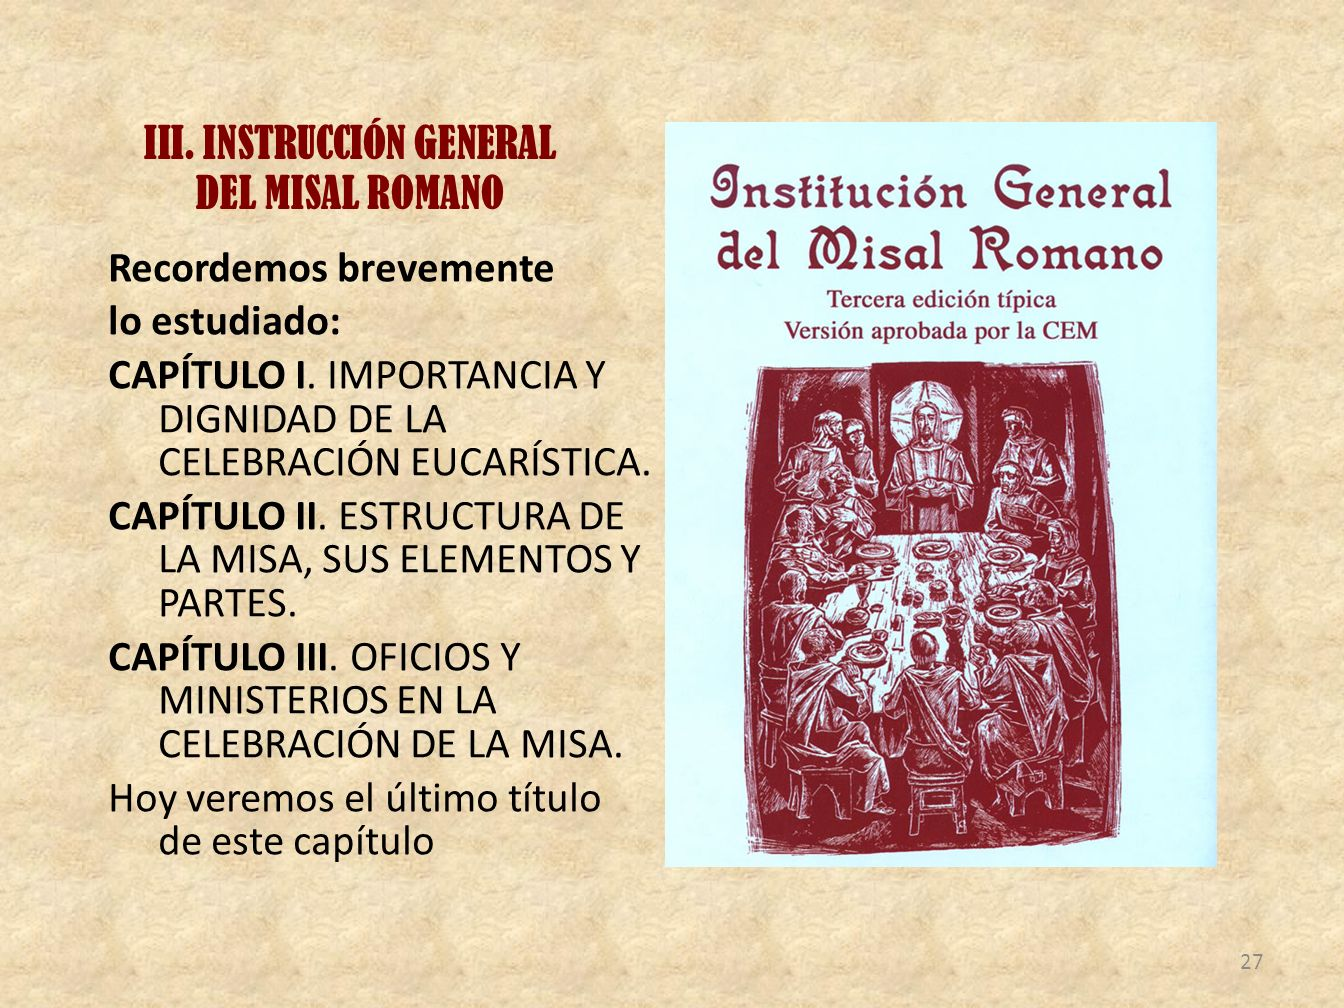 III. INSTRUCCIÓN GENERAL DEL MISAL ROMANO Recordemos brevemente lo estudiado: CAPÍTULO I. IMPORTANCIA Y DIGNIDAD DE LA CELEBRACIÓN EUCARÍSTICA. CAPÍTU